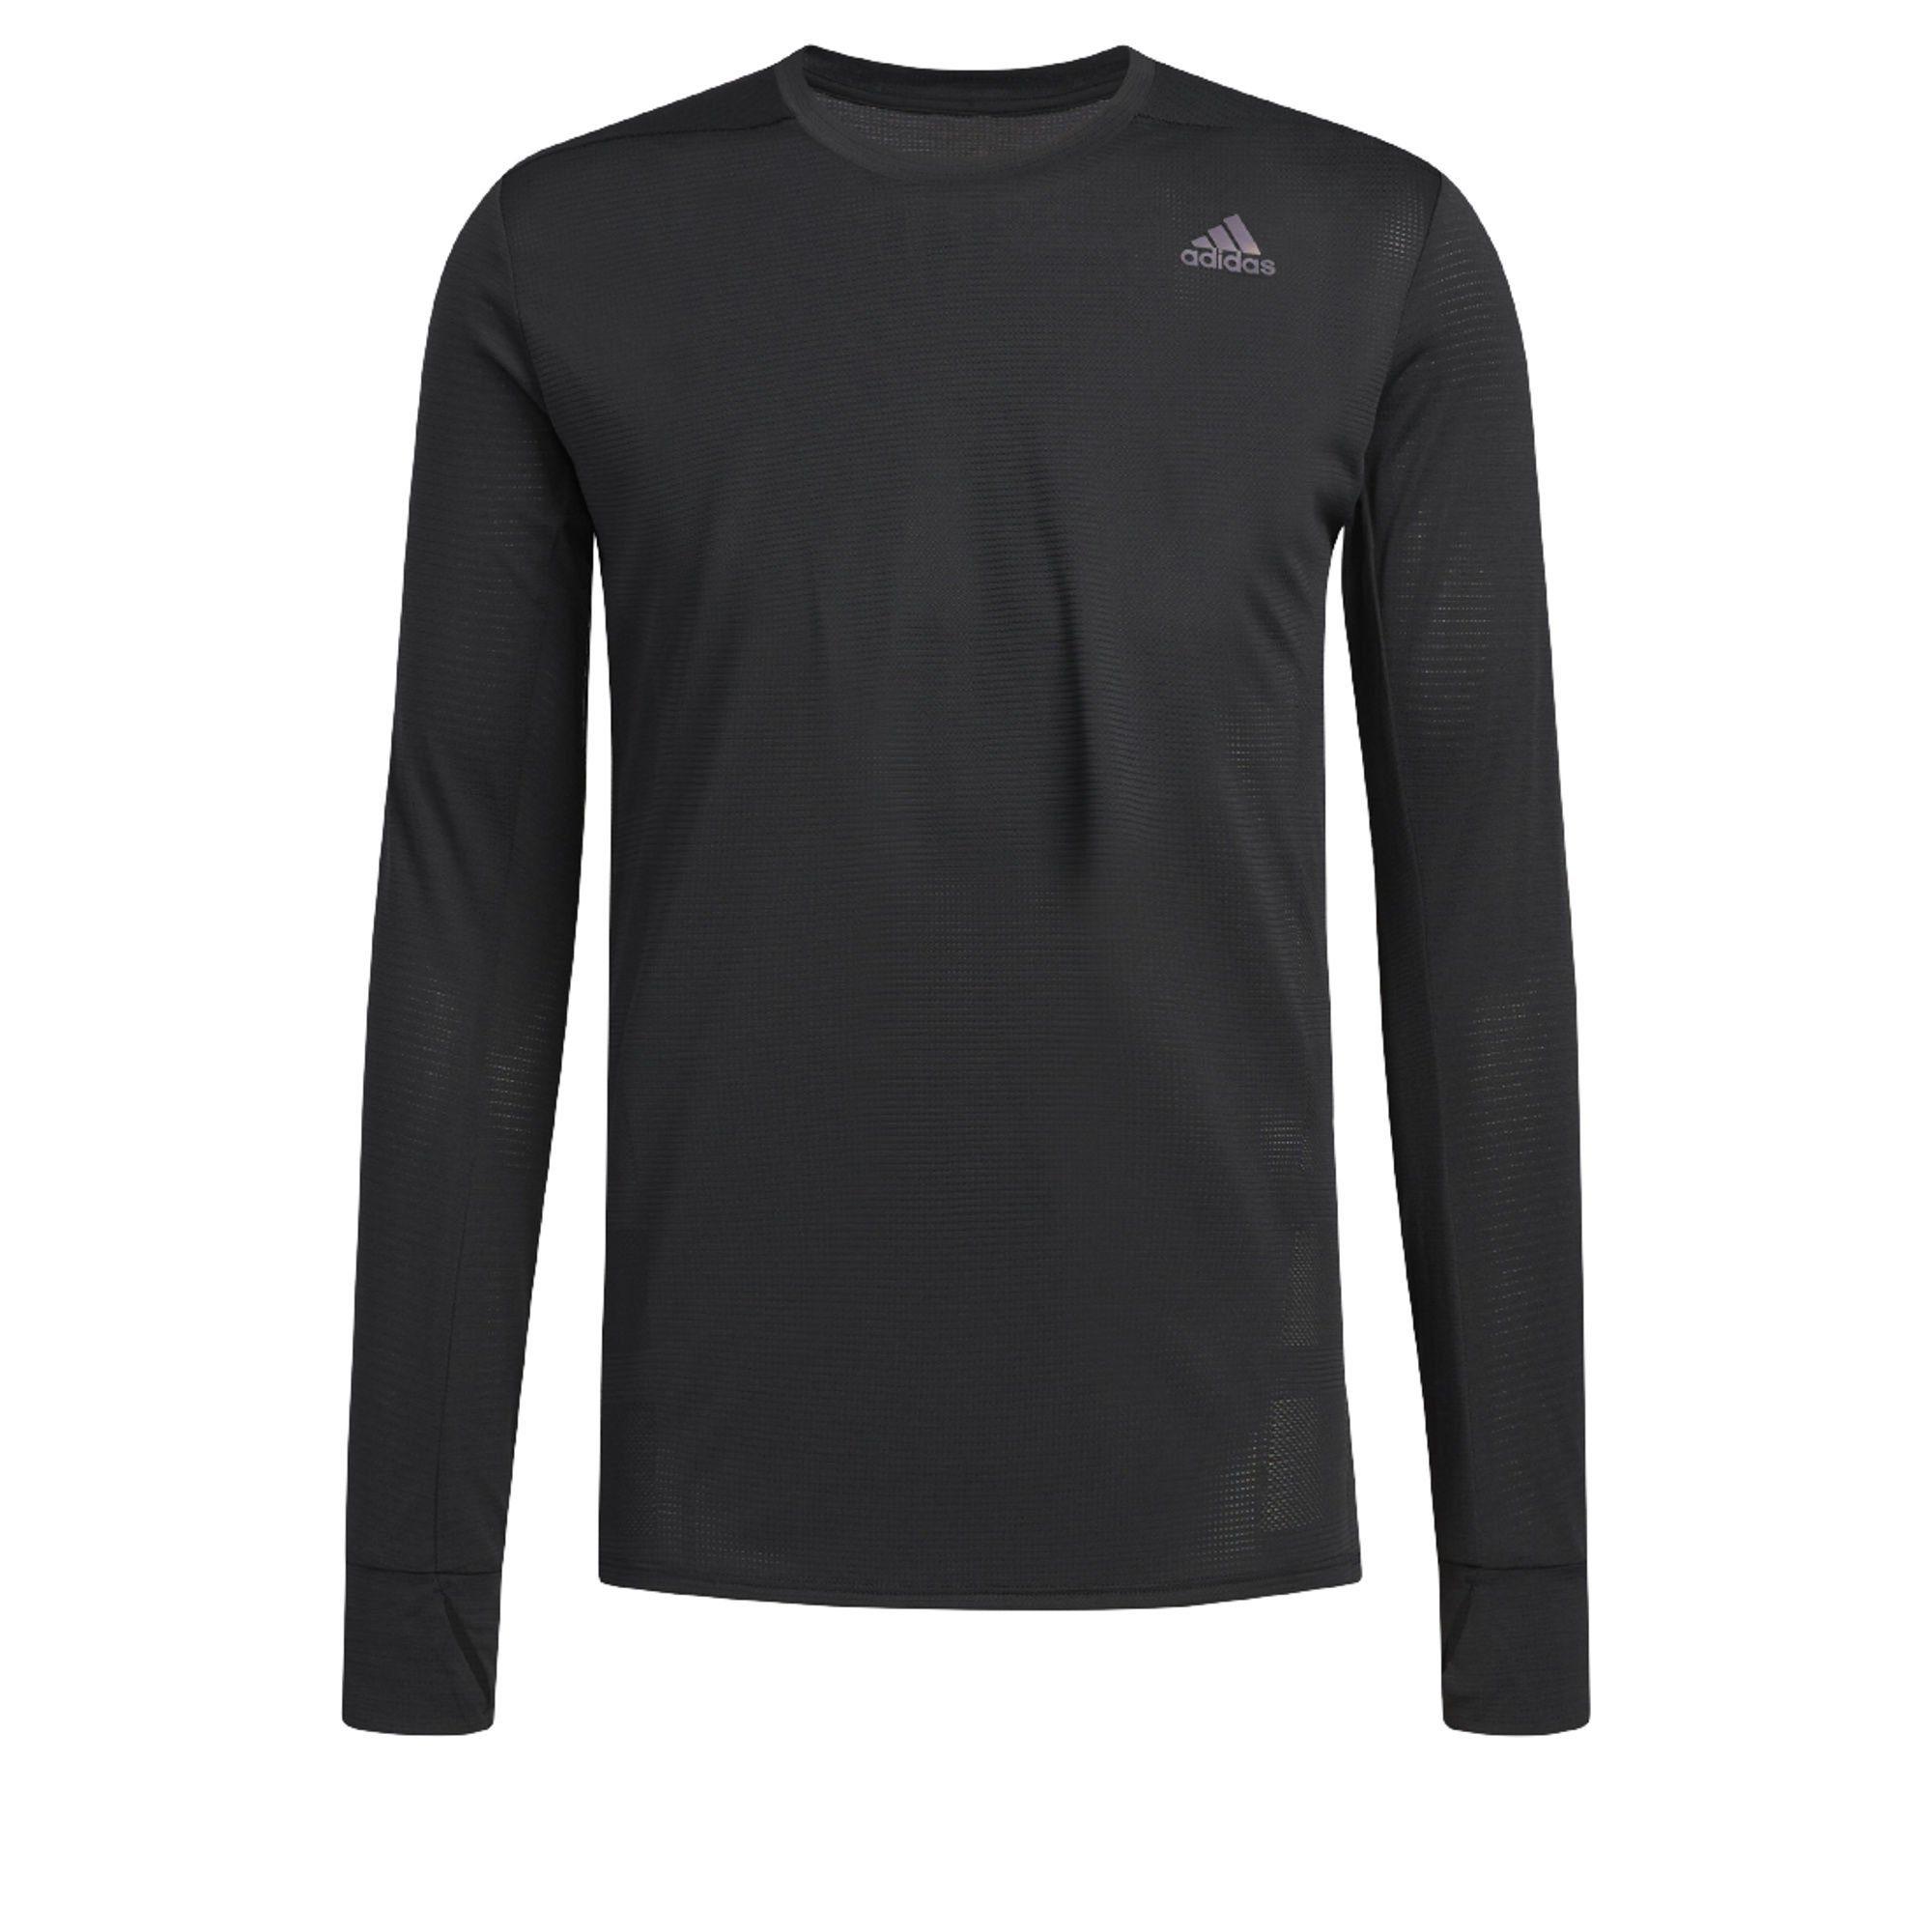 adidas Performance Langarmshirt »Supernova«, Regulär geschnitten online kaufen   OTTO